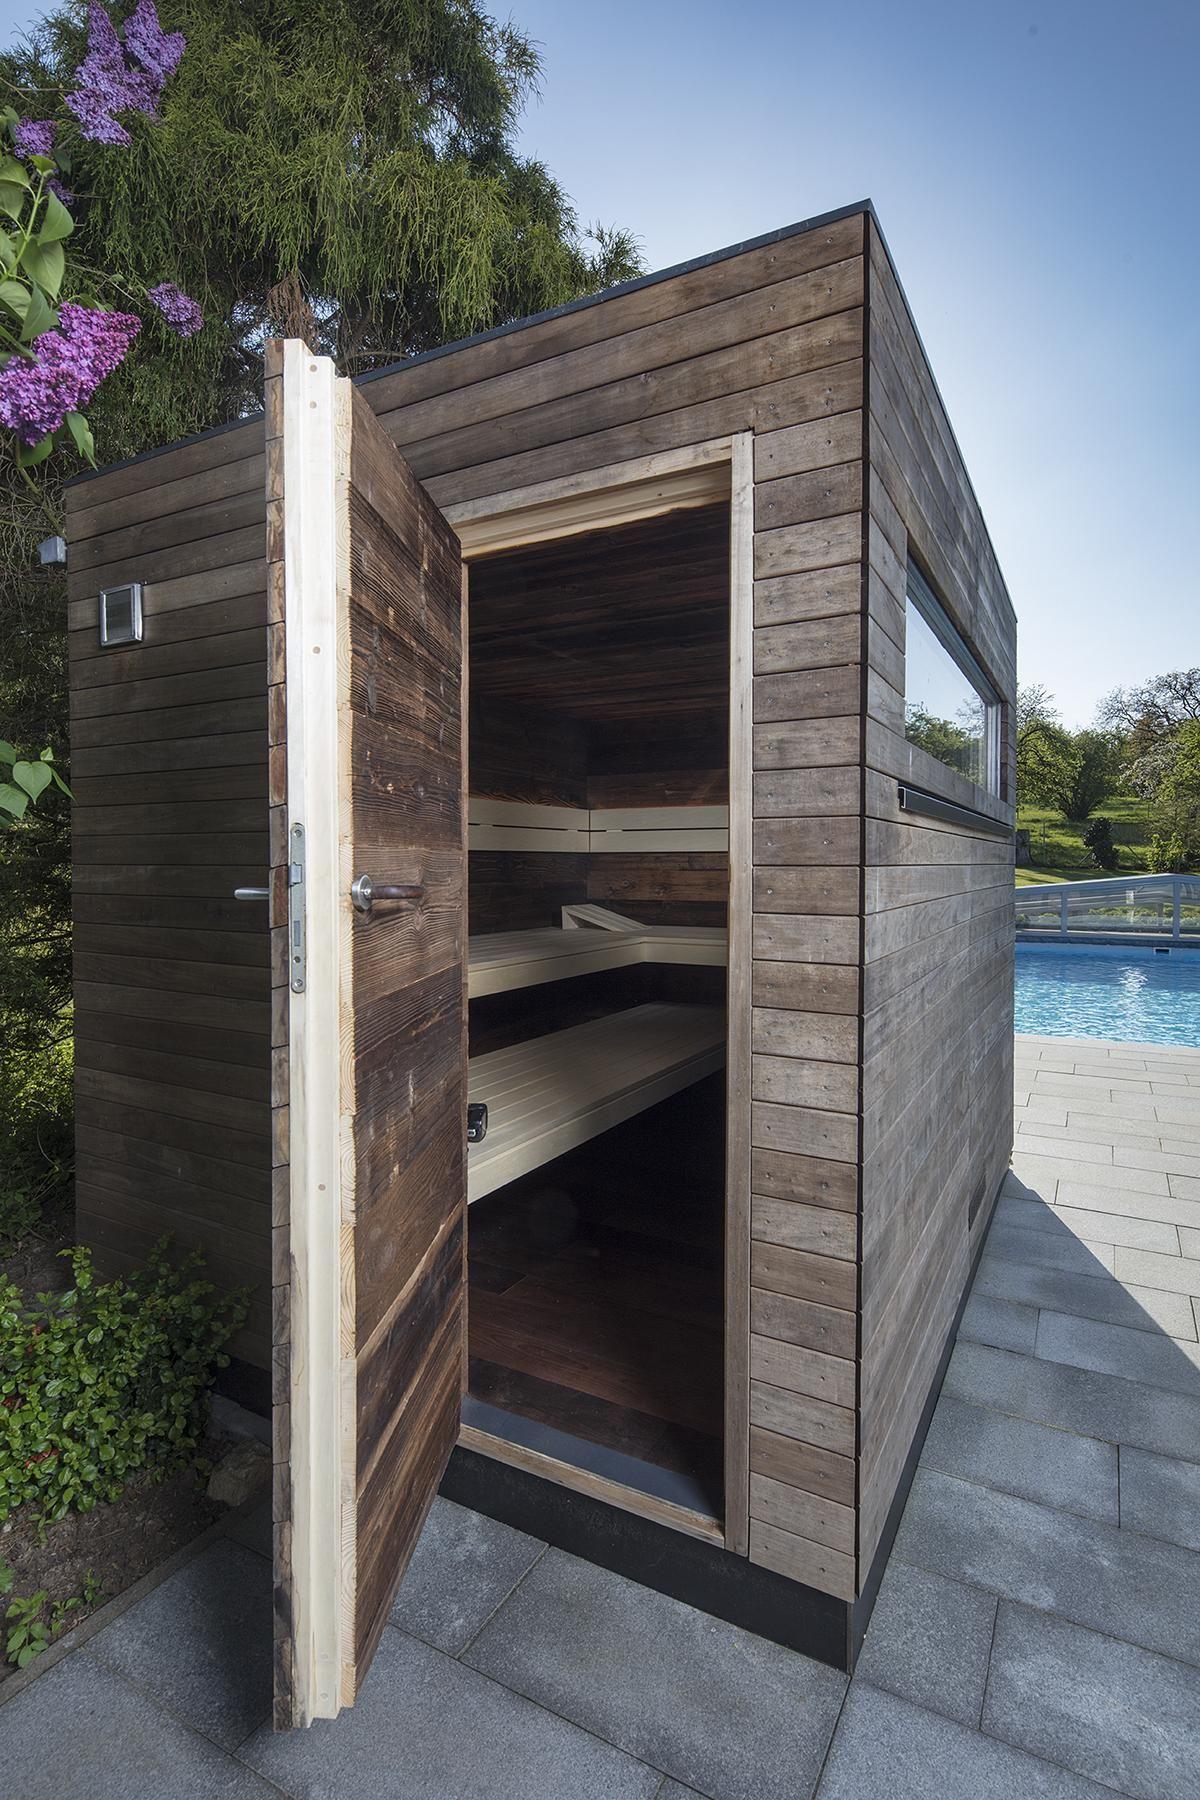 Gartensauna Nach Mass Mit Altholz Gartensauna Saunahaus Sauna Im Garten